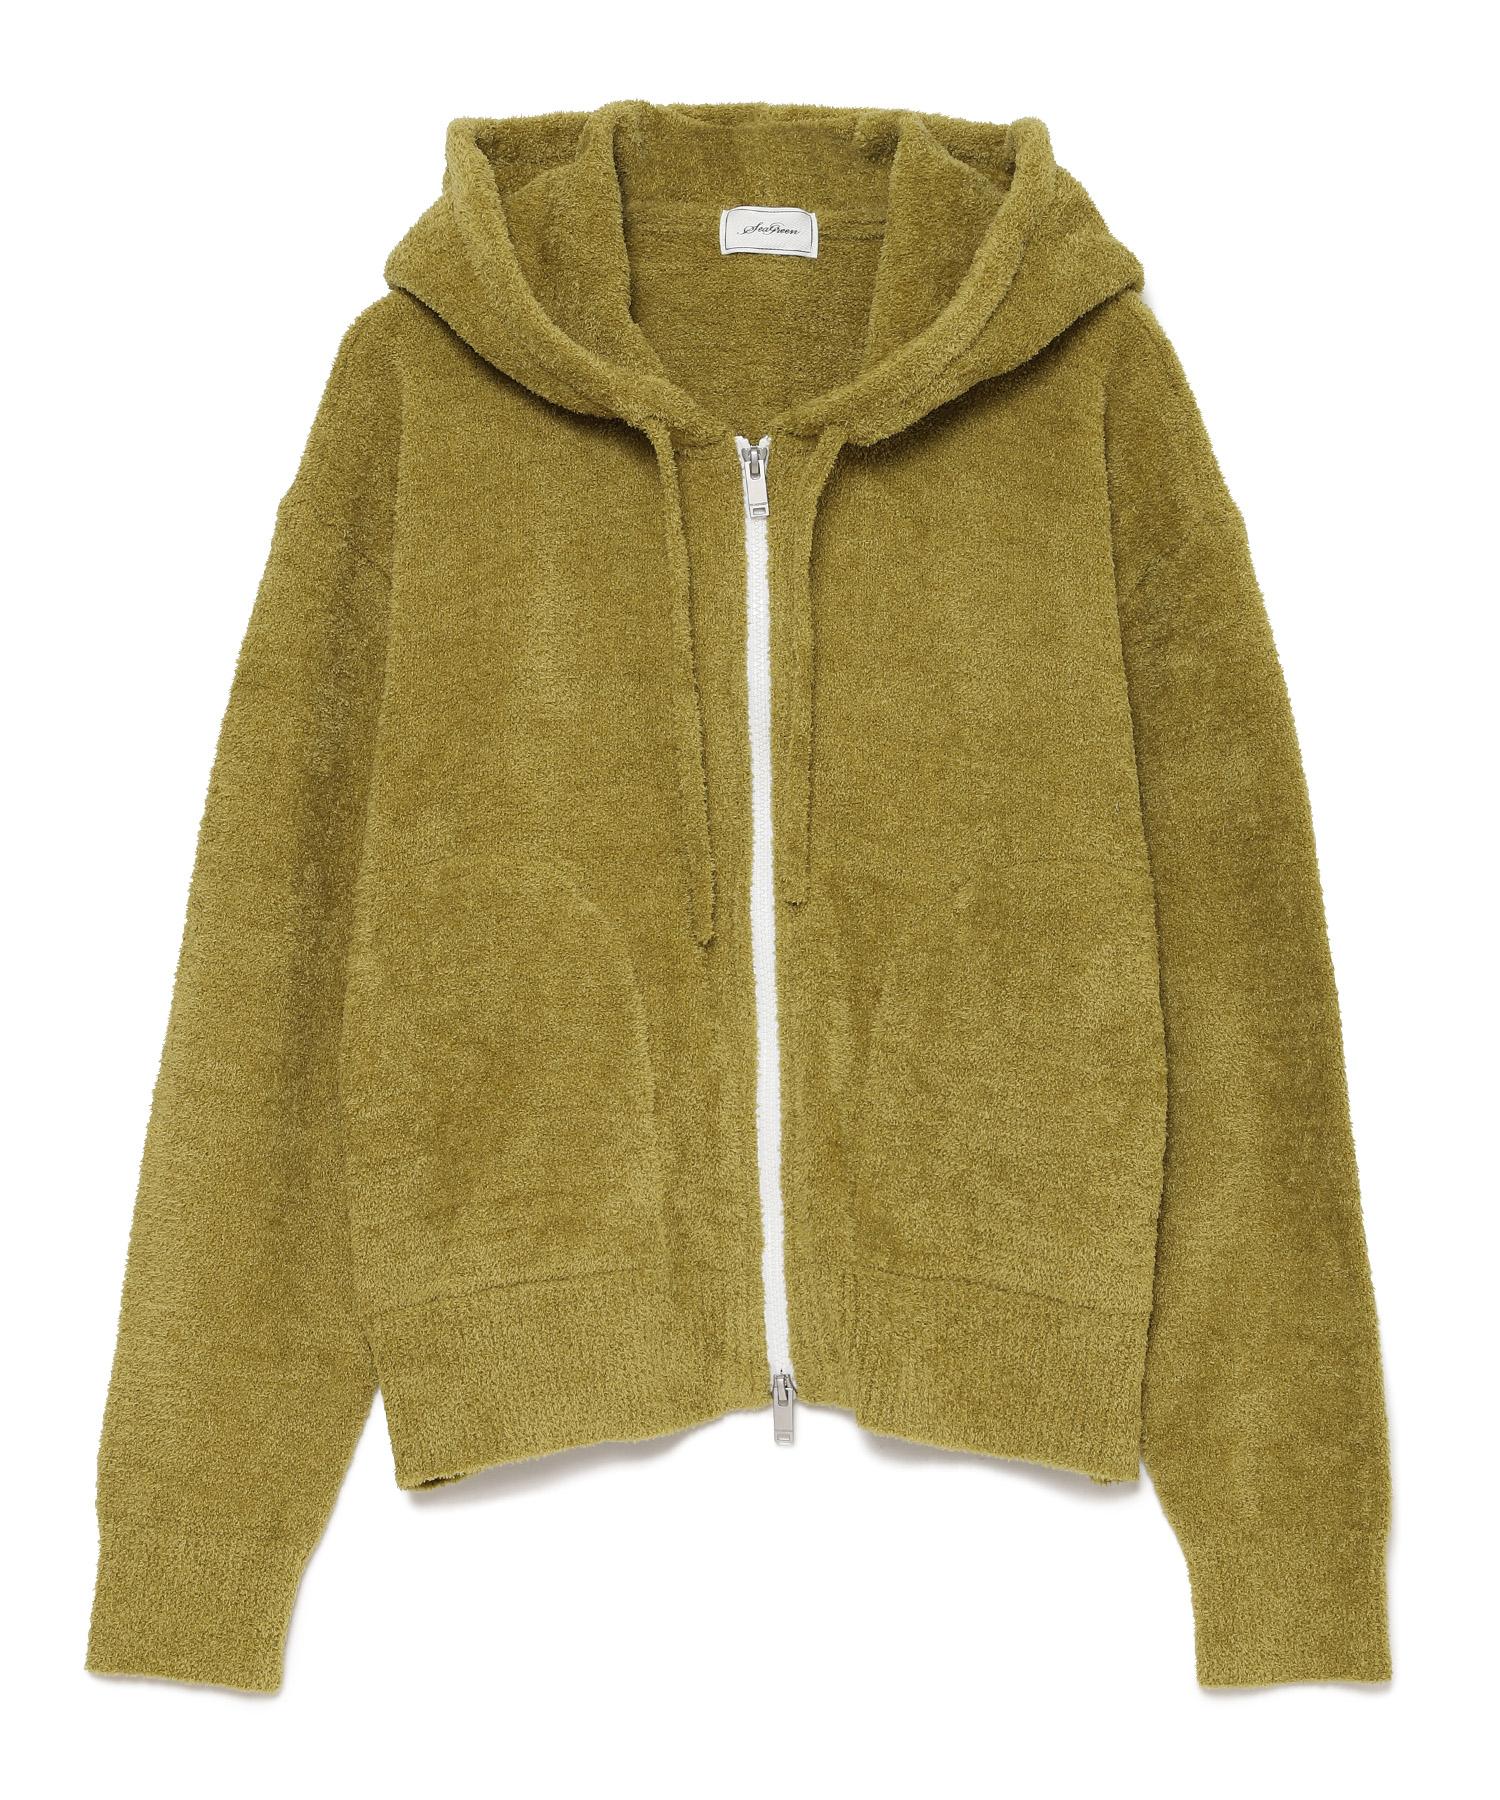 MOCO room wear hoodie